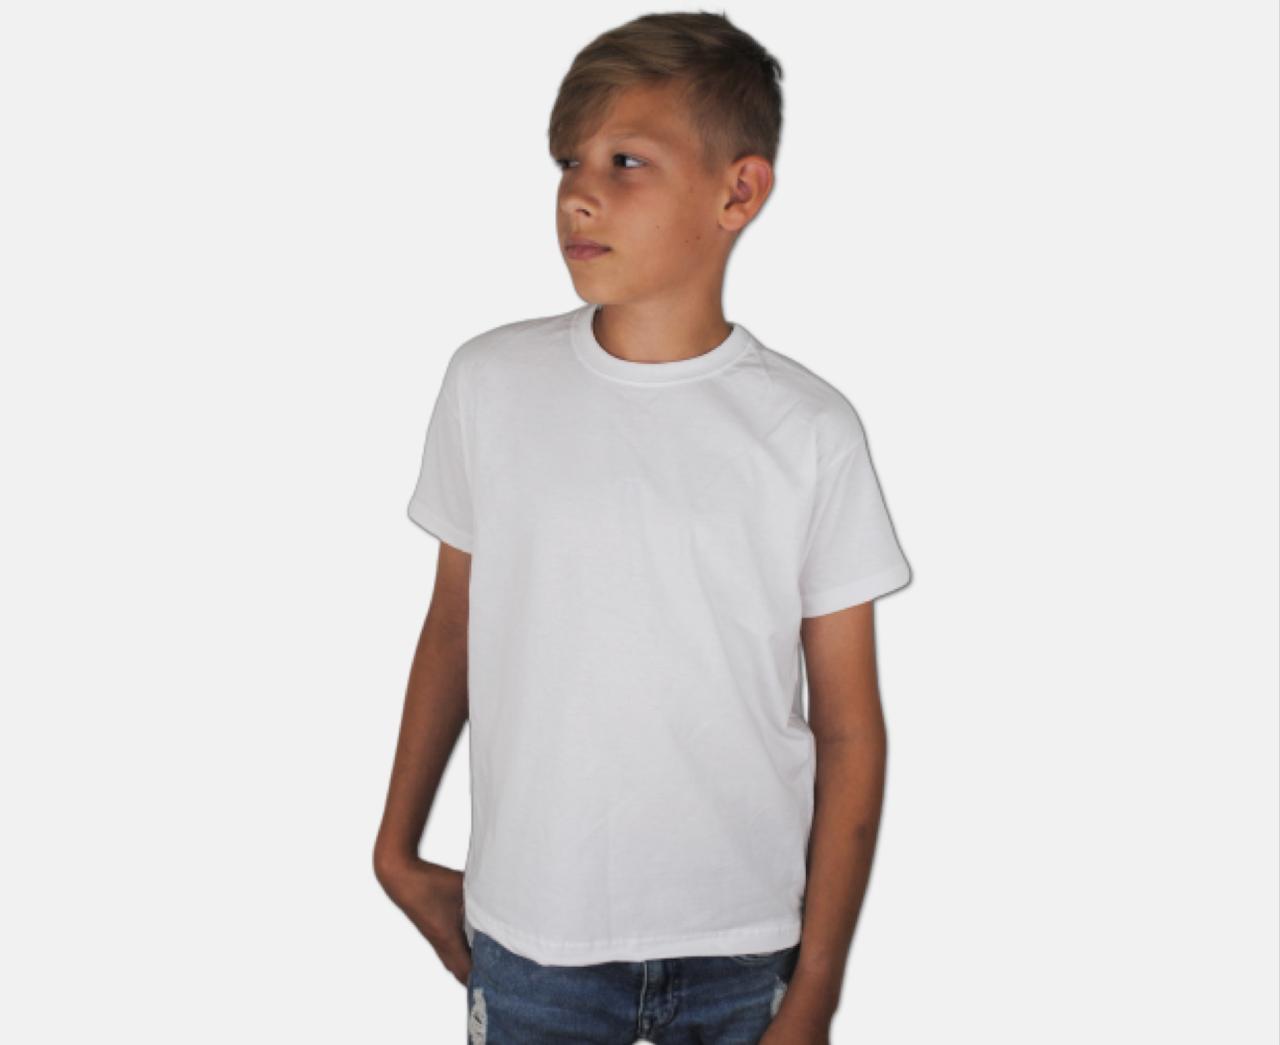 Детская Классическая Футболка для Мальчиков Белая Fruit of the loom 61-033-30 5-6